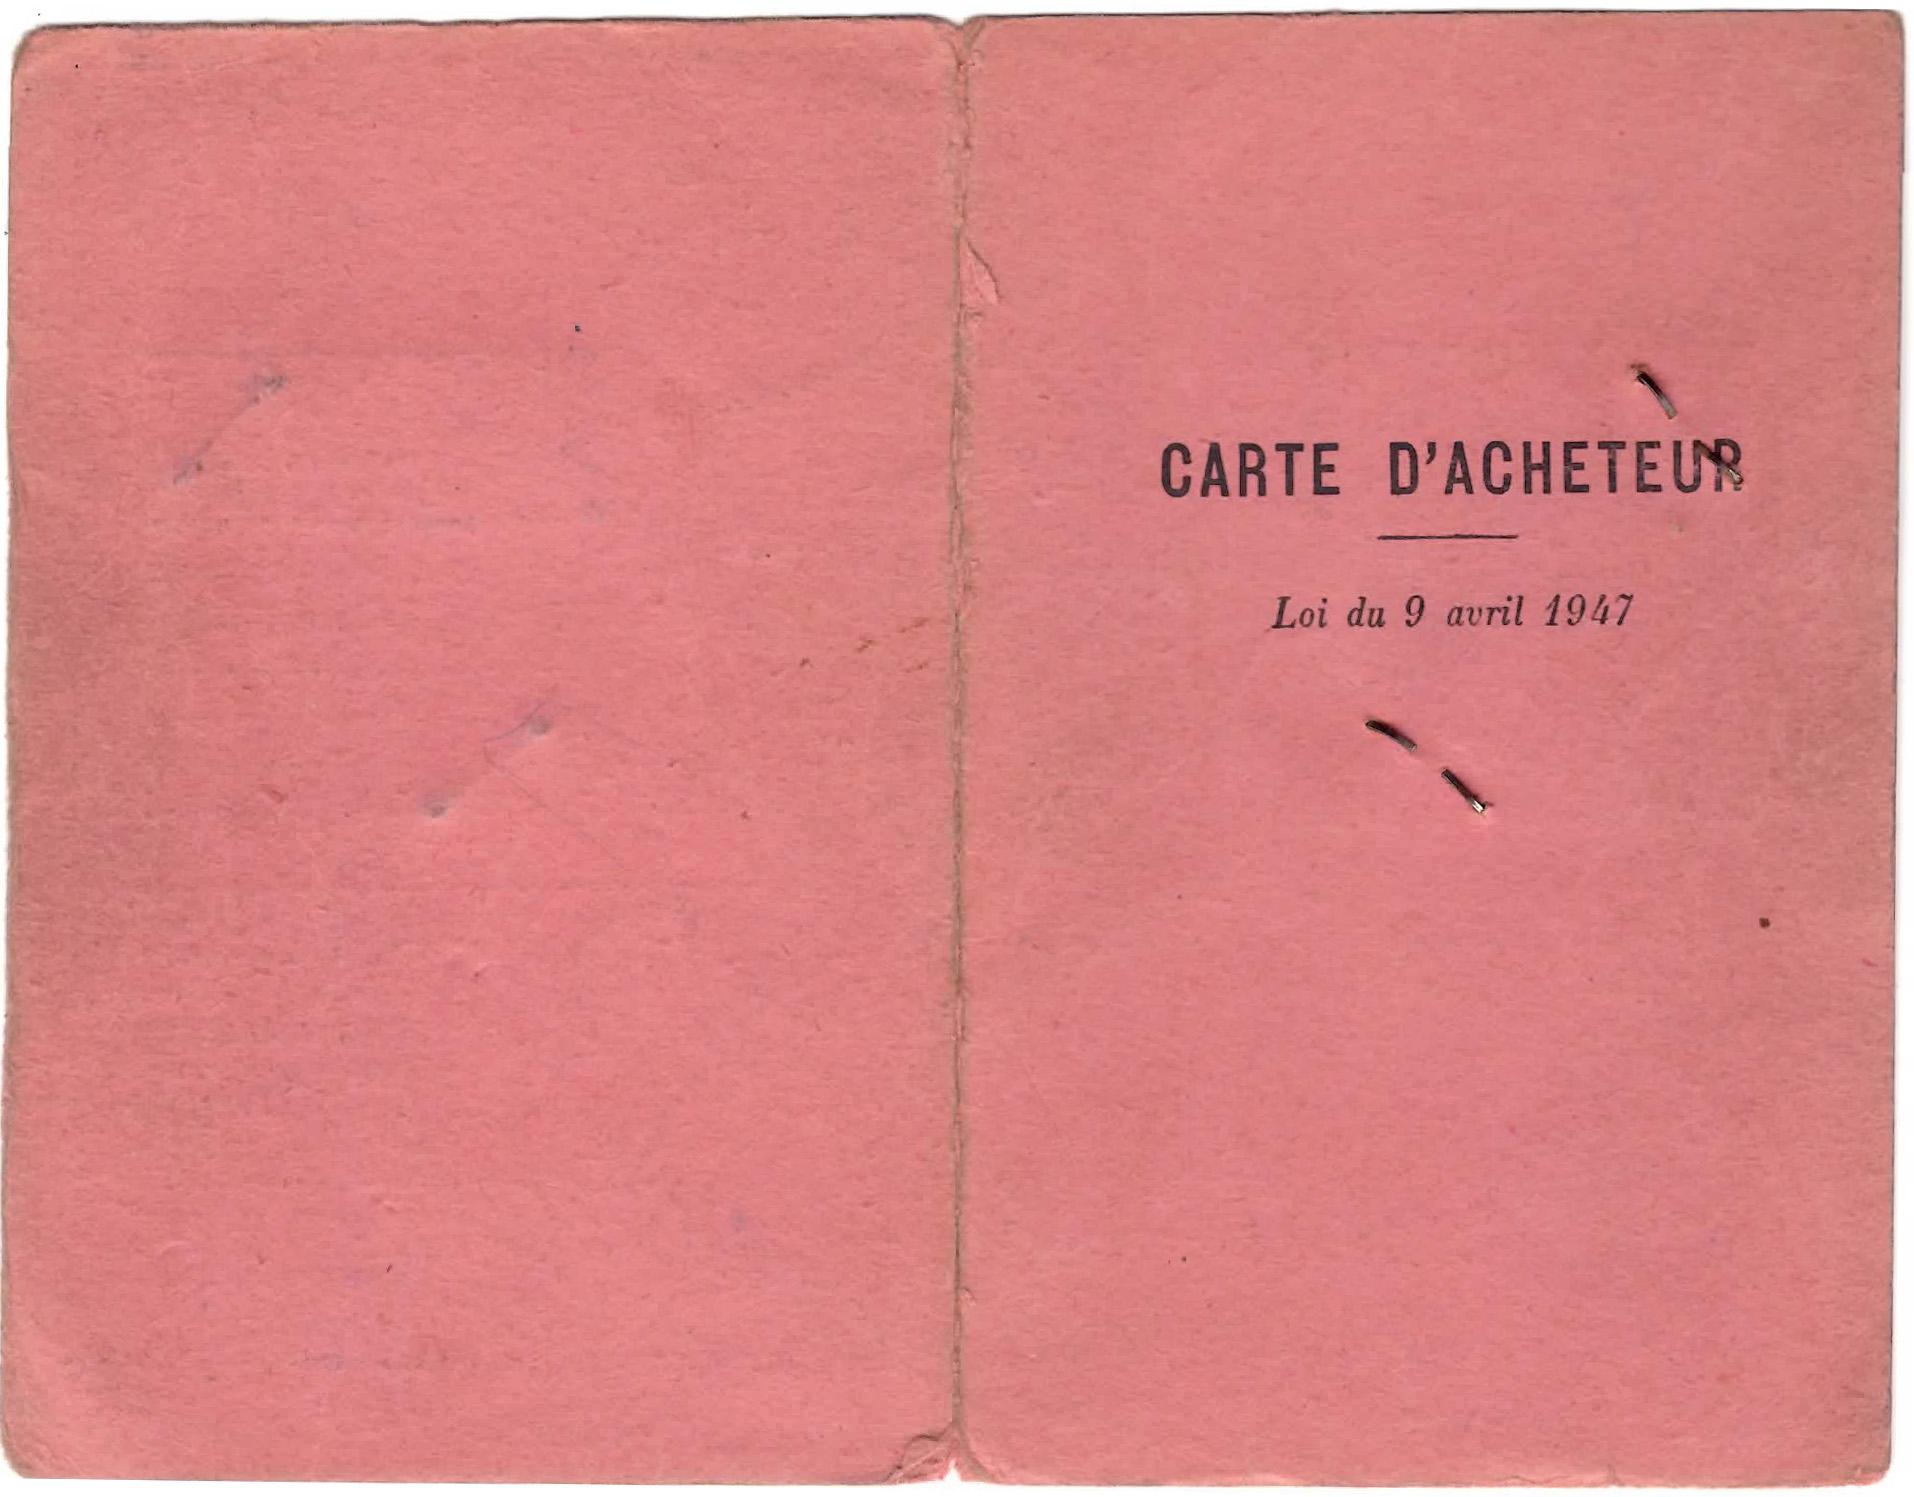 carteach1